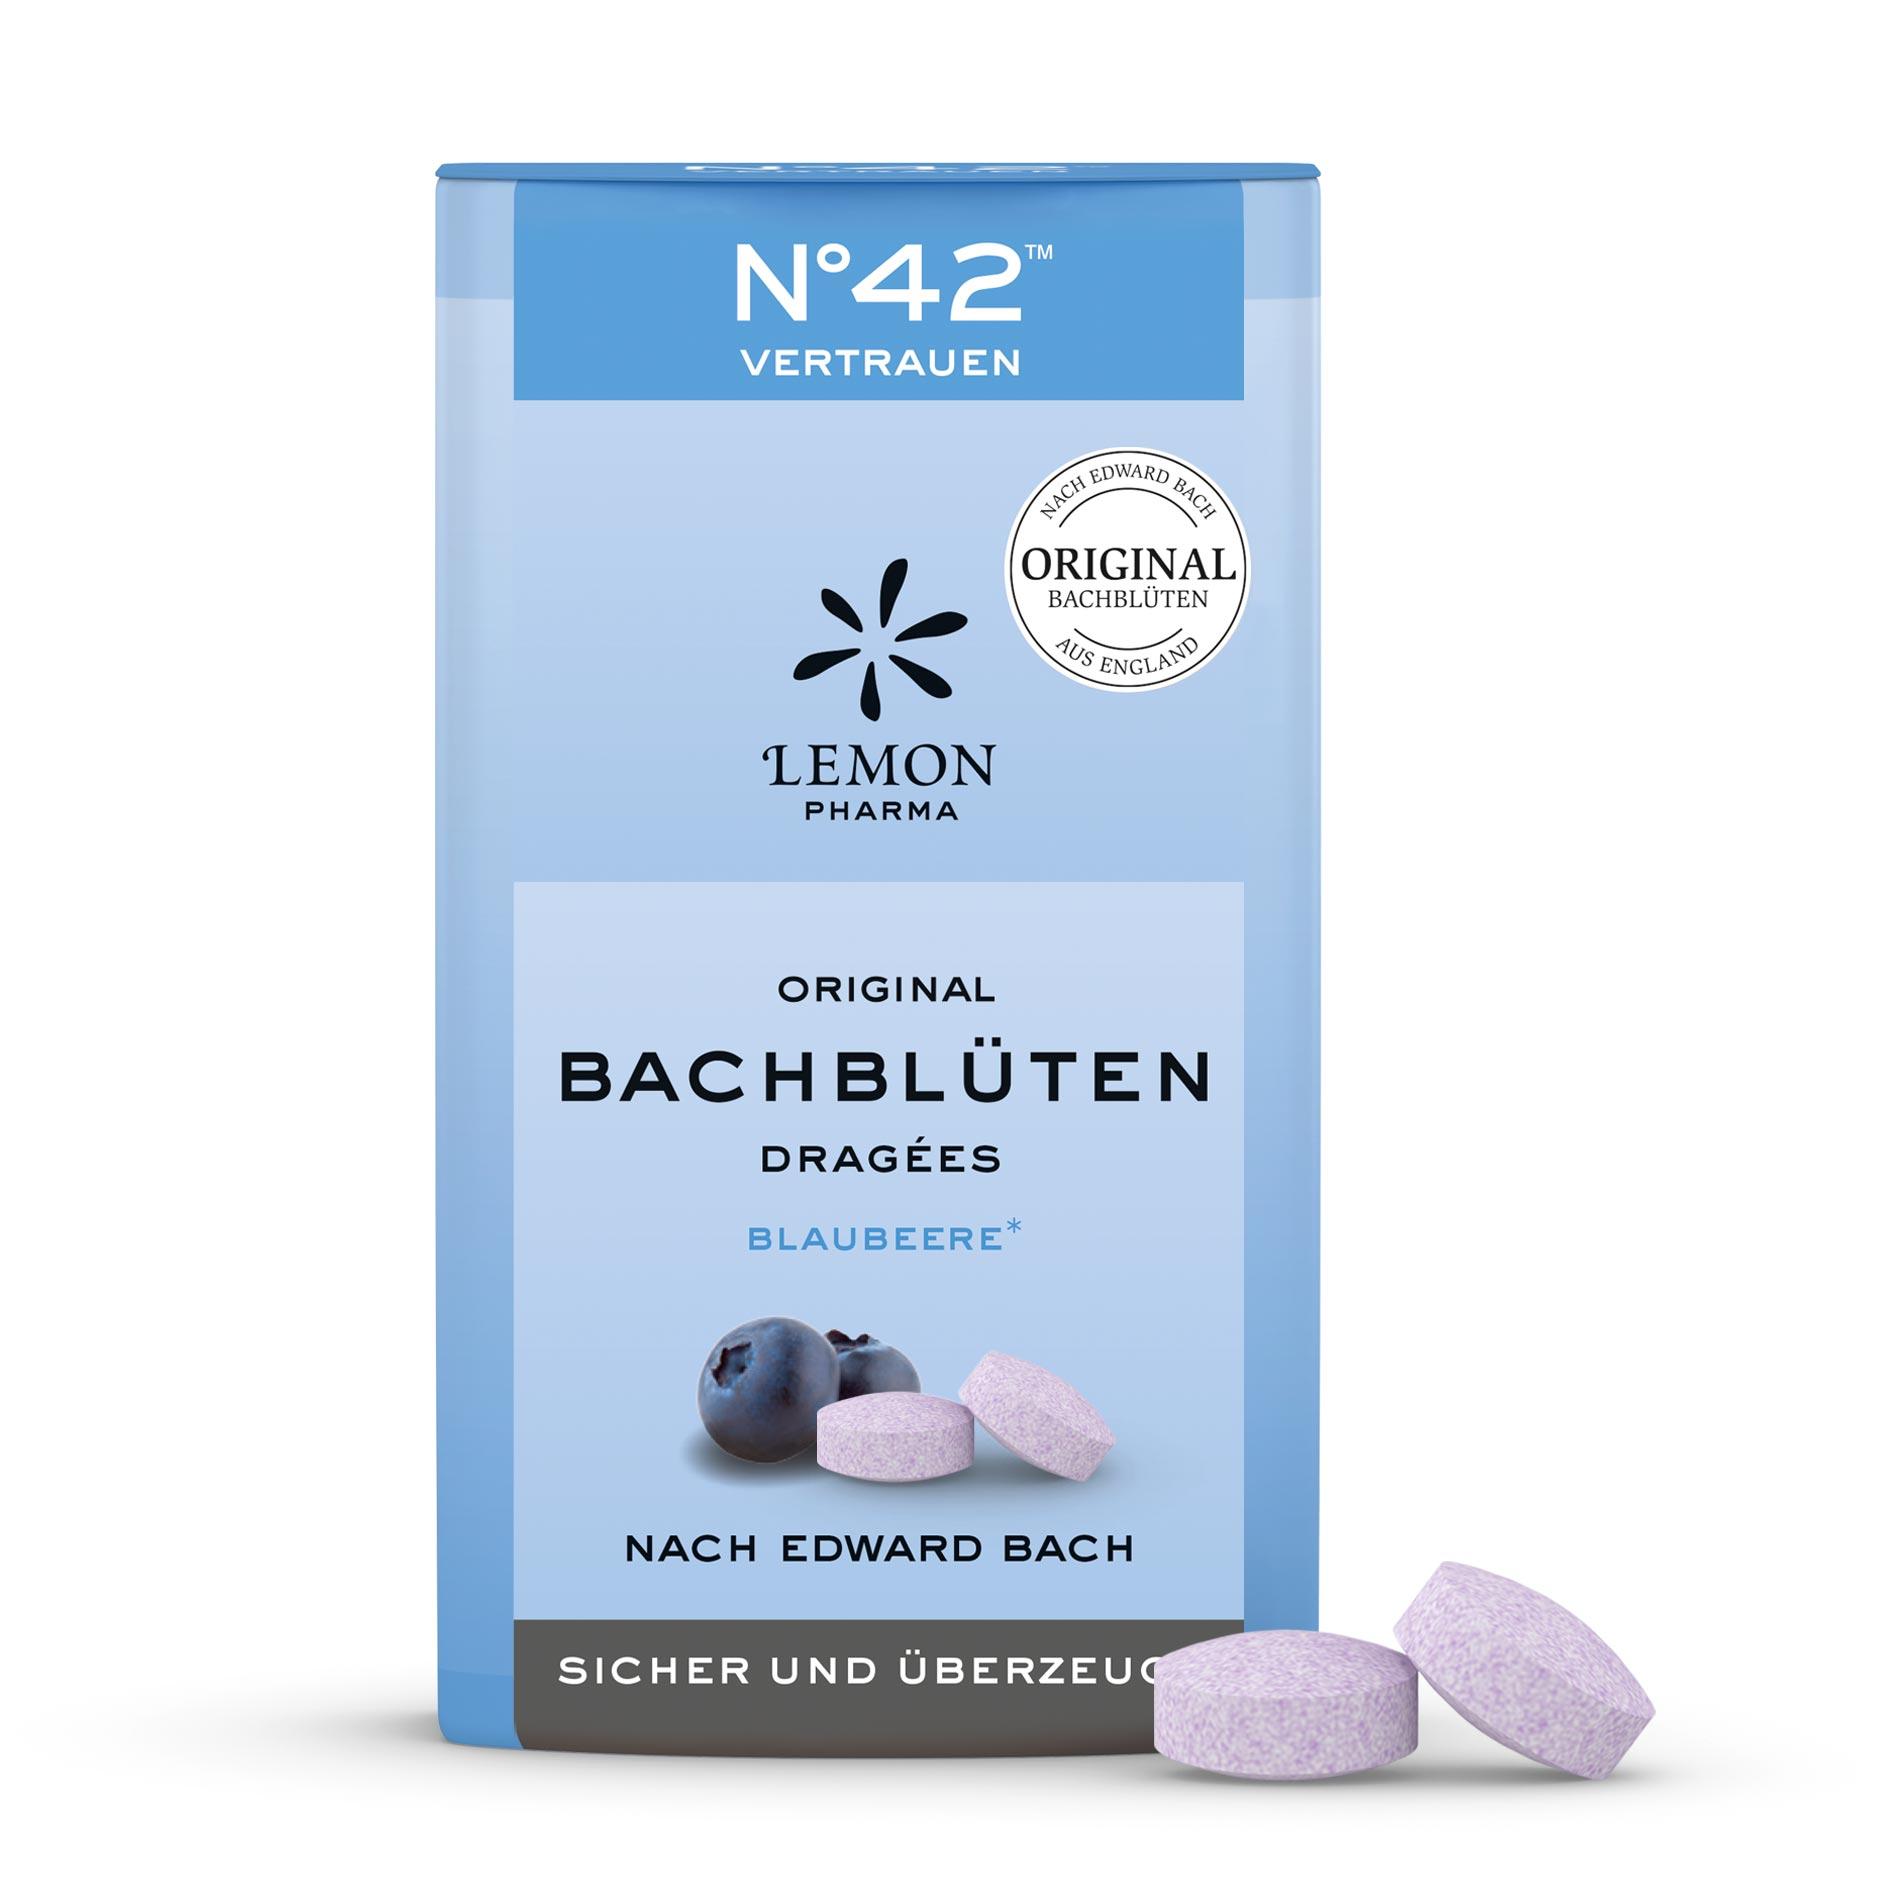 Lemon Pharma Original Bachblüten Nr 42 Vertrauen Dragées Sicher und überzeugt blaubeere